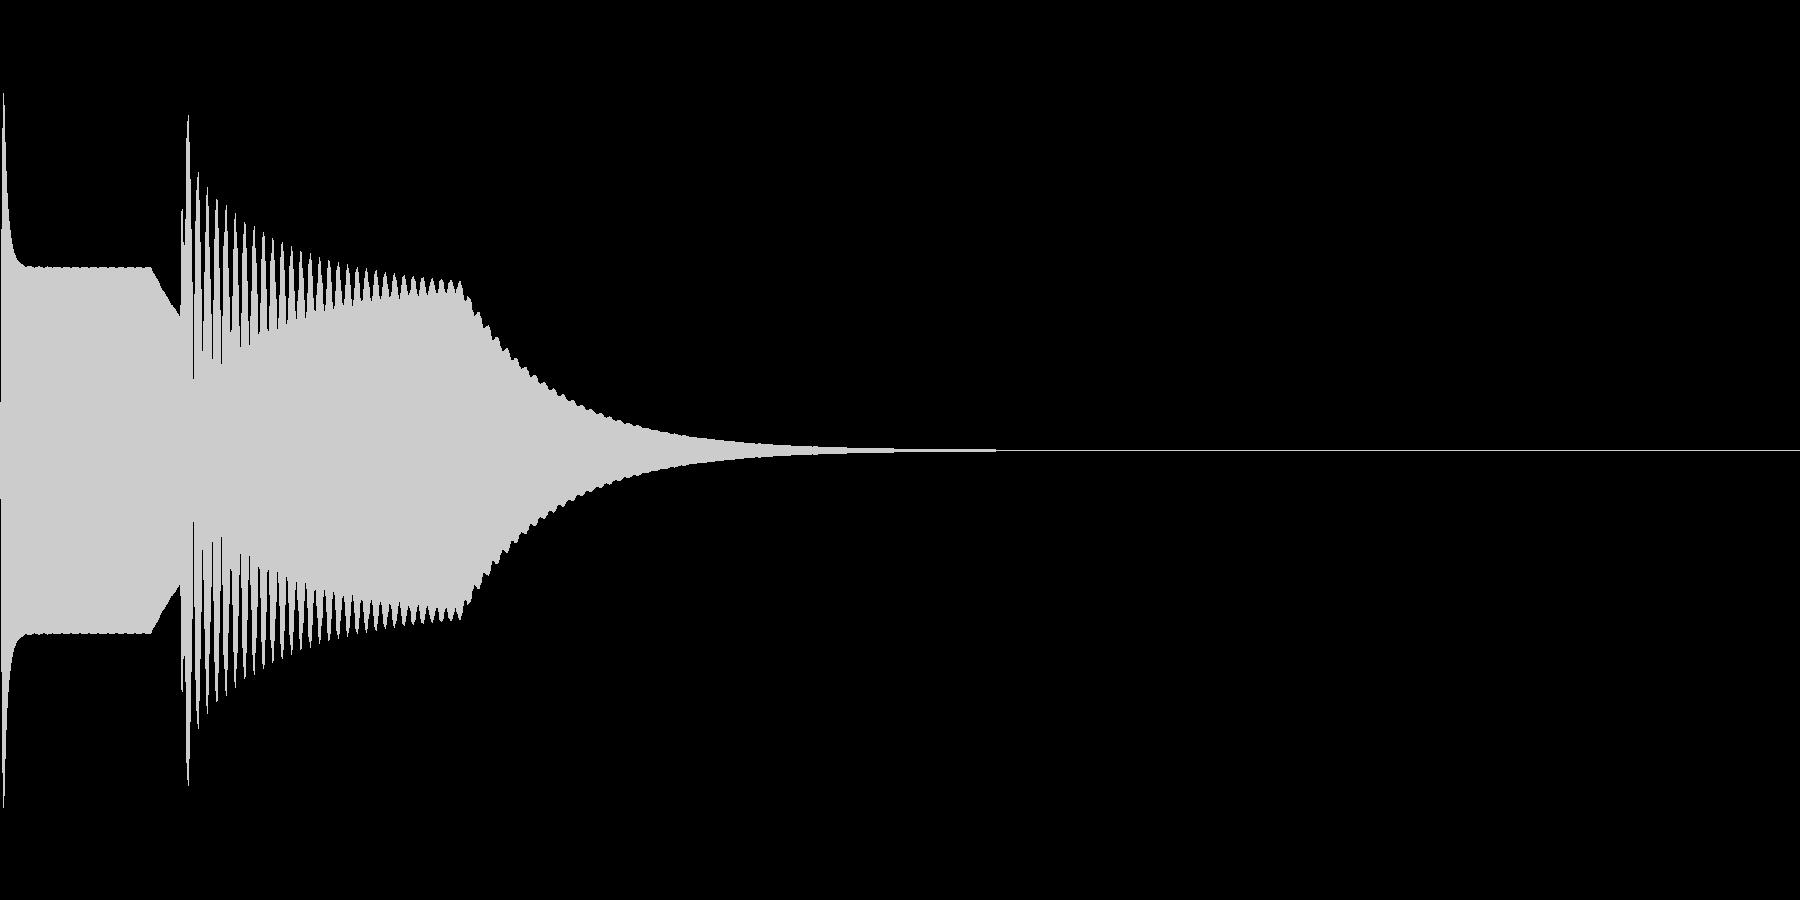 ピンポーン(正解)の未再生の波形